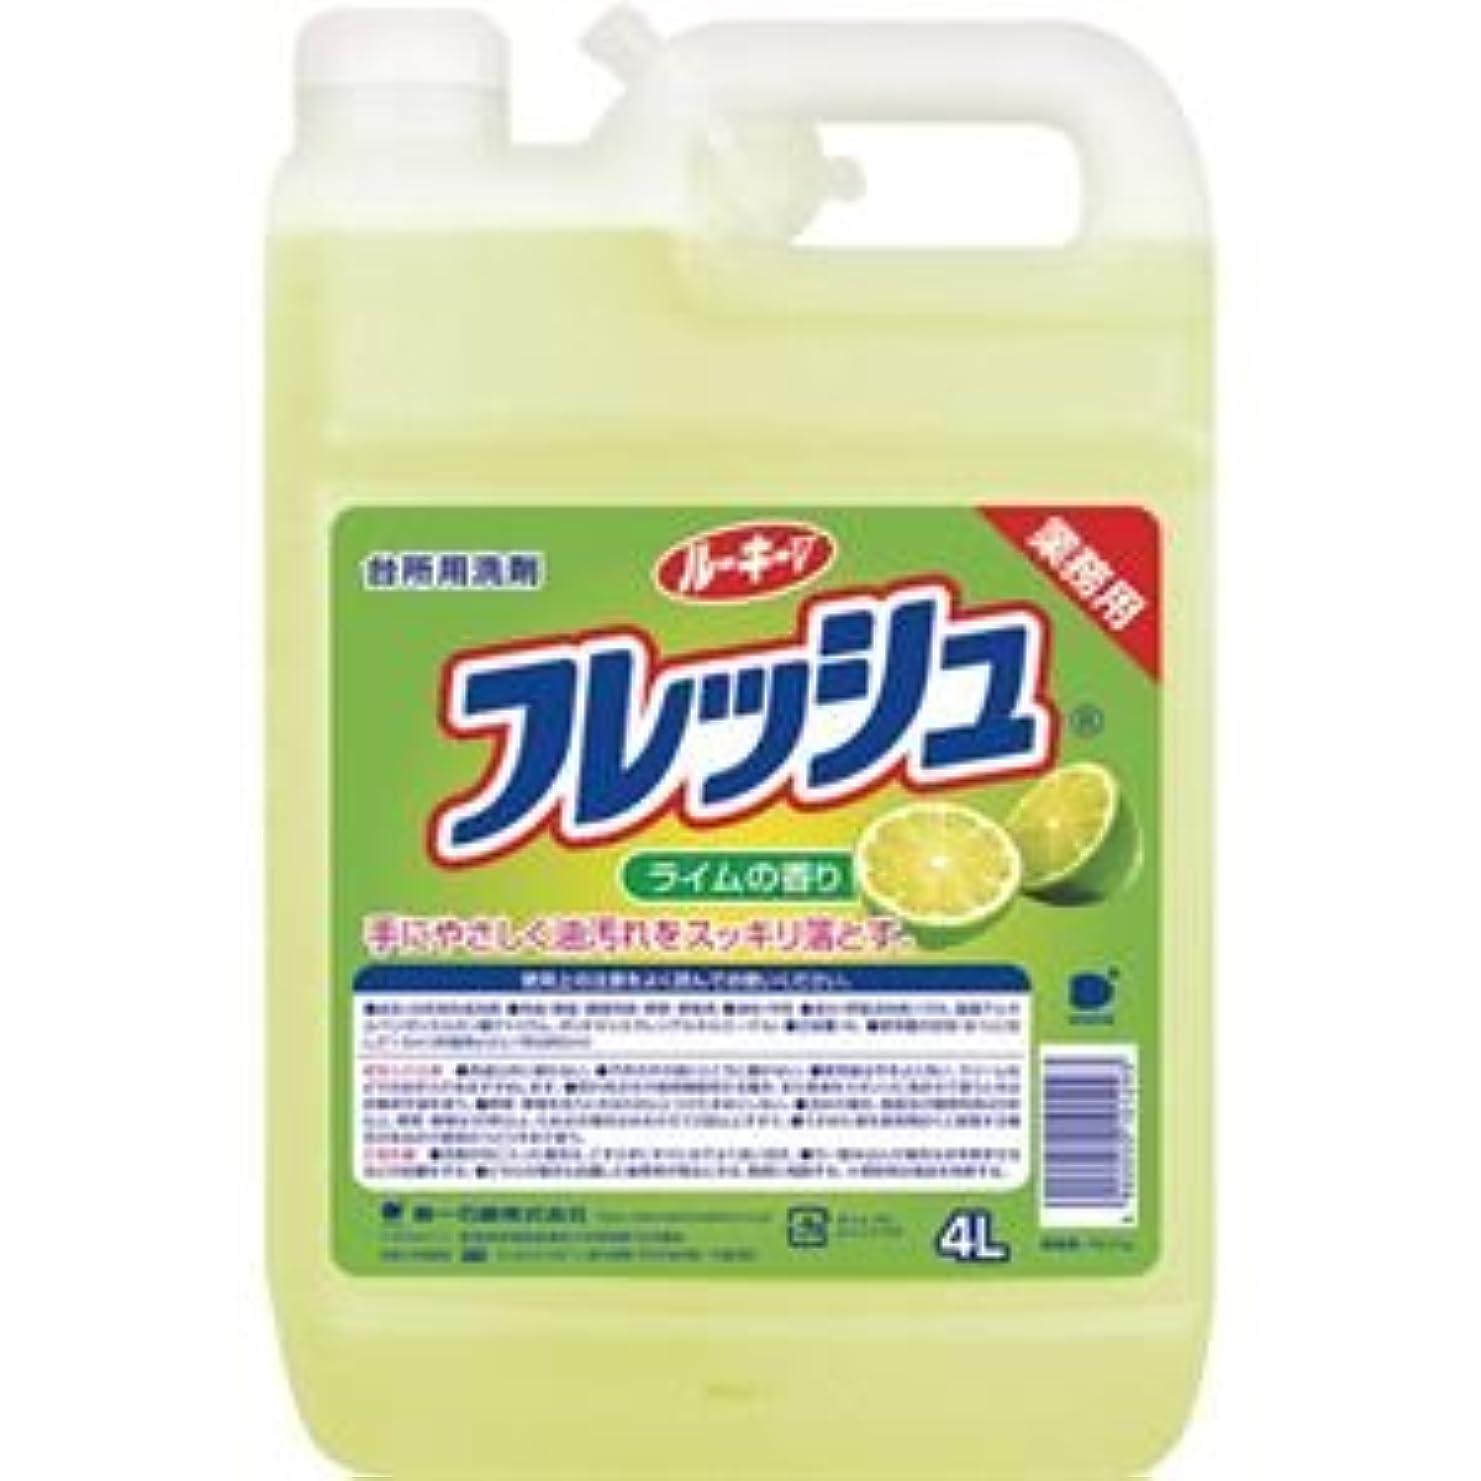 振動するモットー証人(まとめ) 第一石鹸 ルーキーVフレッシュ 業務用 4L 1本 【×5セット】